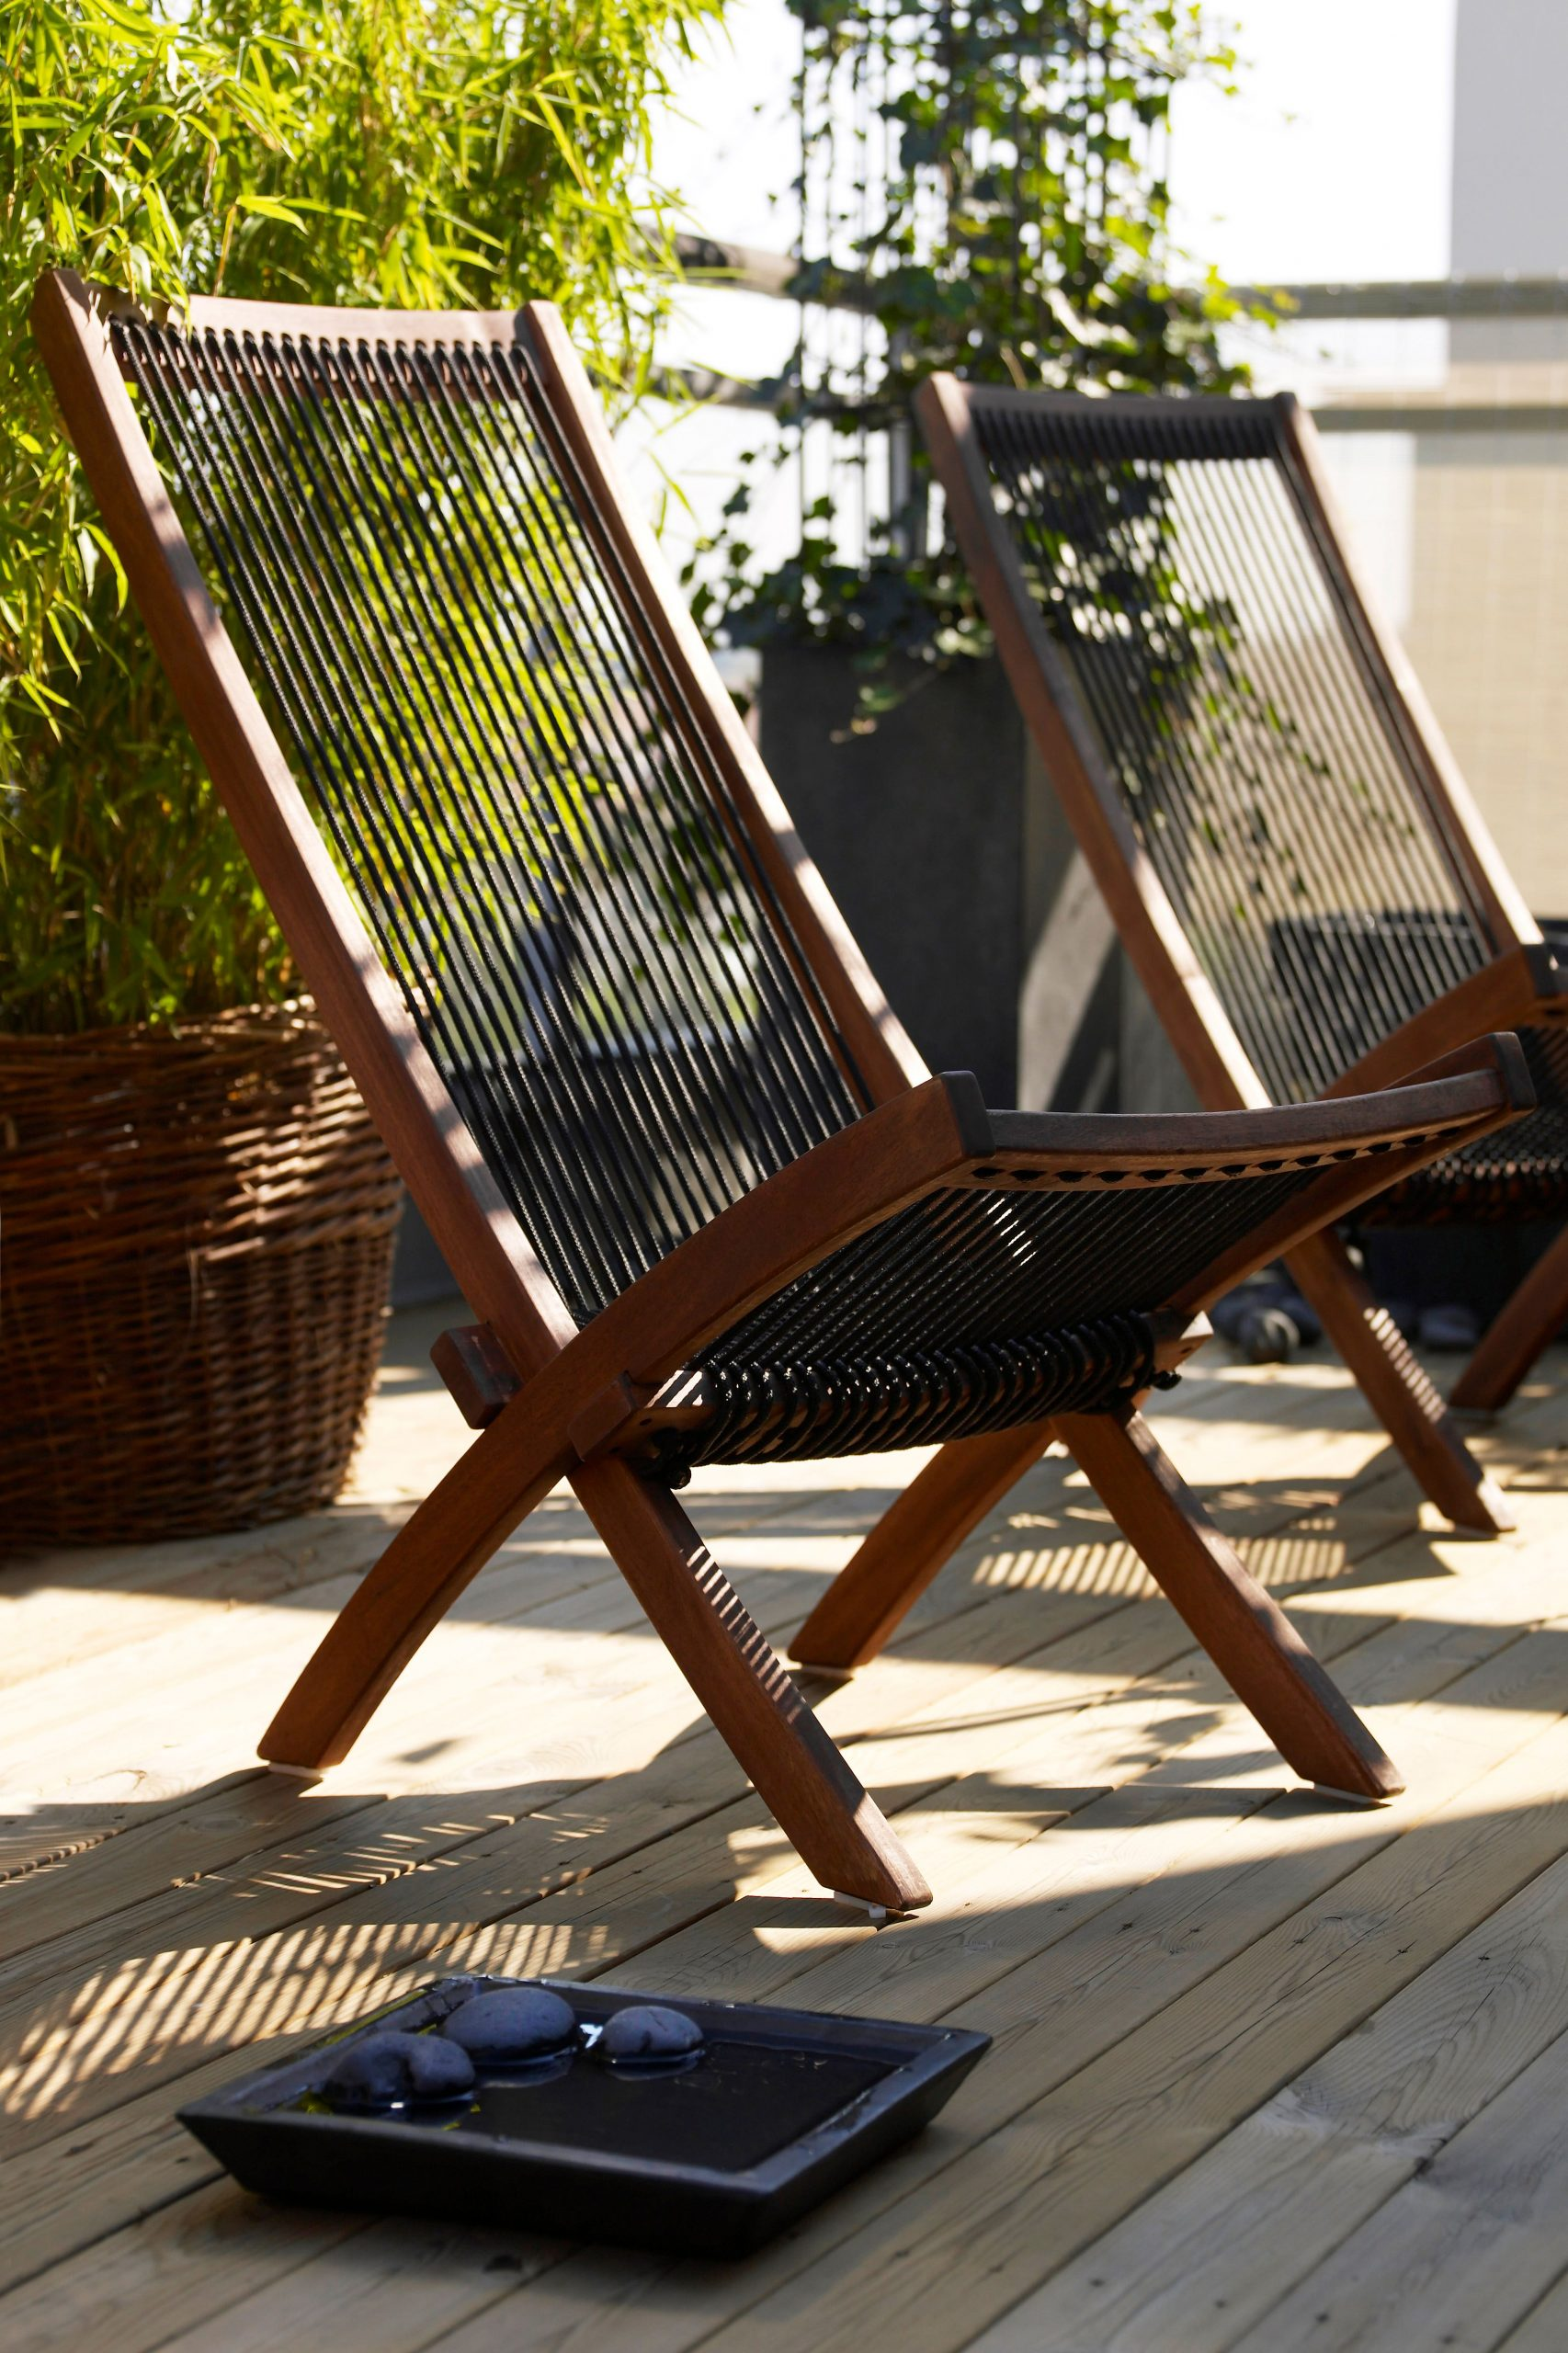 Full Size of Liegestuhl Ikea Bromm Ruhesessel Auen Braun Las Schwarz Küche Kaufen Kosten Miniküche Betten 160x200 Sofa Mit Schlaffunktion Garten Bei Modulküche Wohnzimmer Liegestuhl Ikea